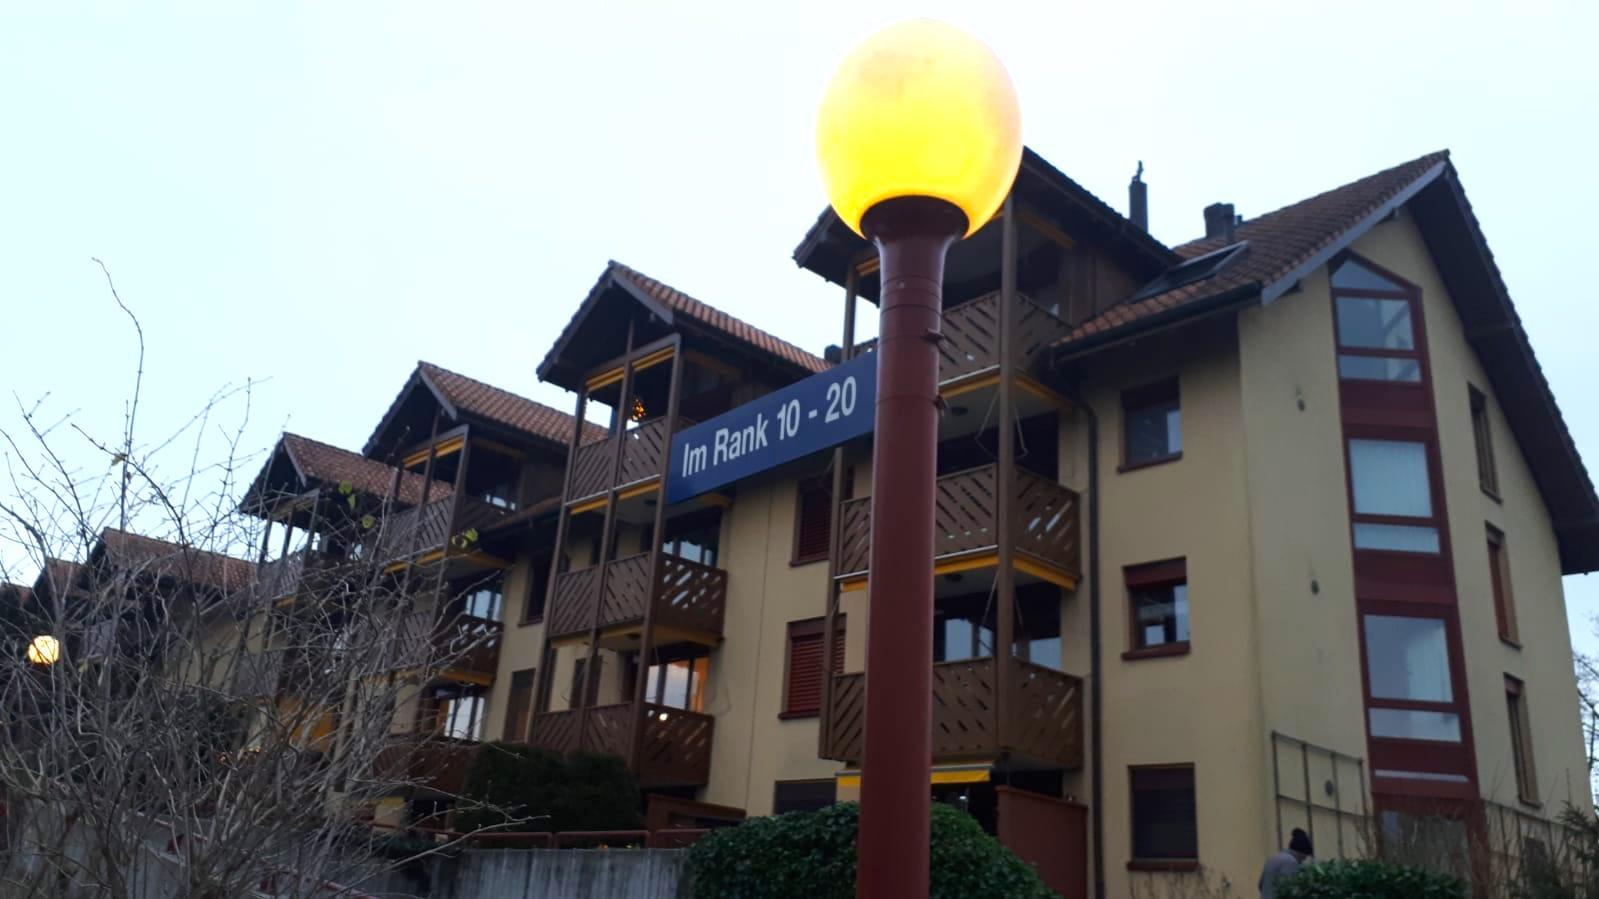 Siedlung im Rank in Zug, wo Nachbarn gegen eine Kinderkrippe vorgegangen sind.